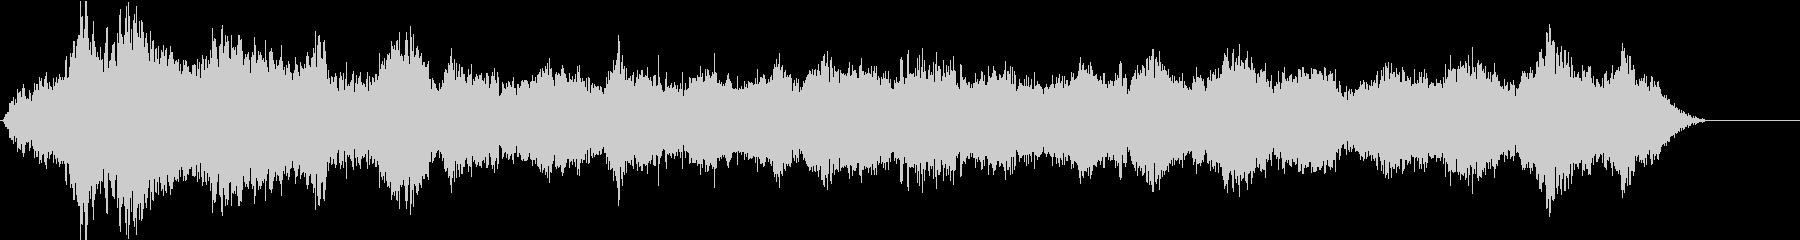 ドローン エジプシャンハイ03の未再生の波形